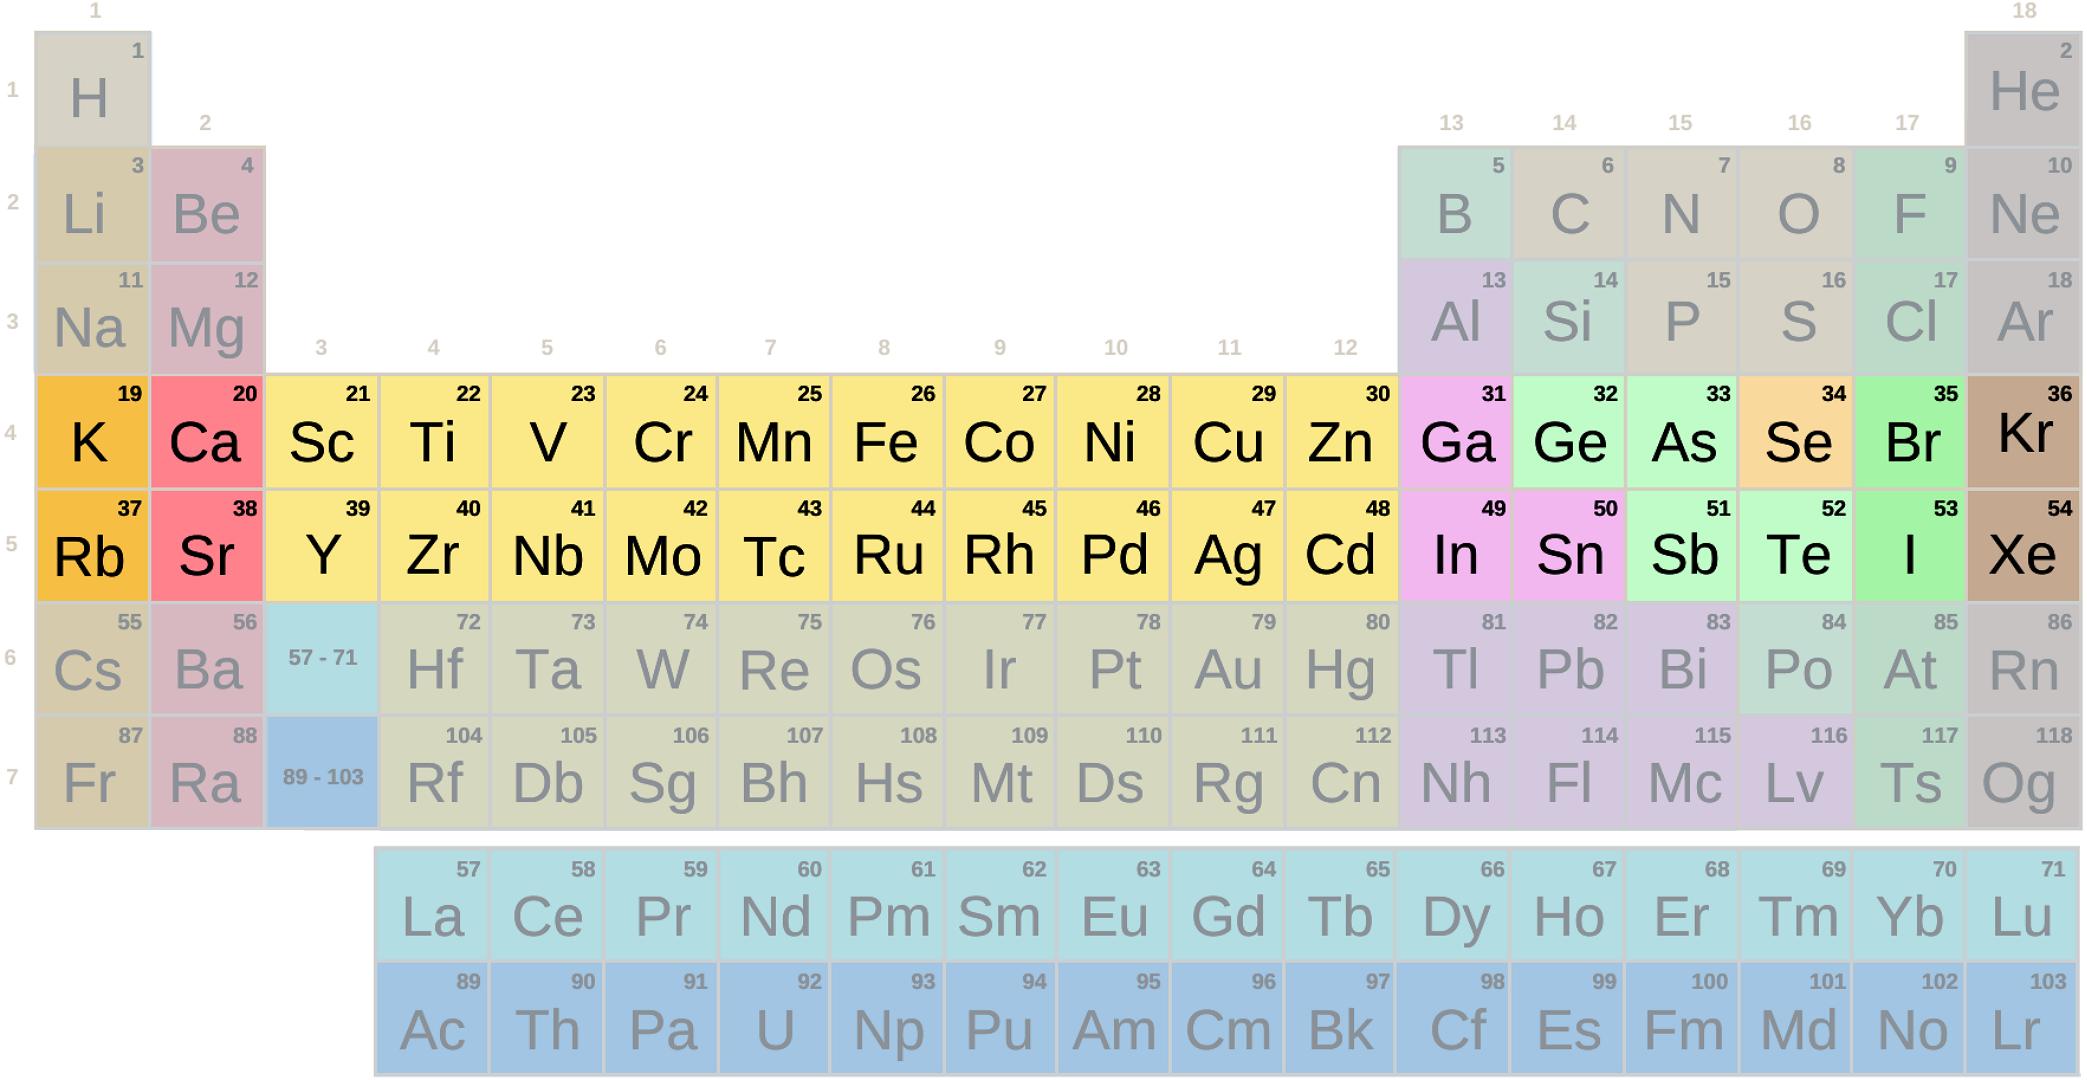 Taula periodikoa, 4. eta 5. aldiak sinboloekin (Bigarren Hezkuntza - Batxilergoa)